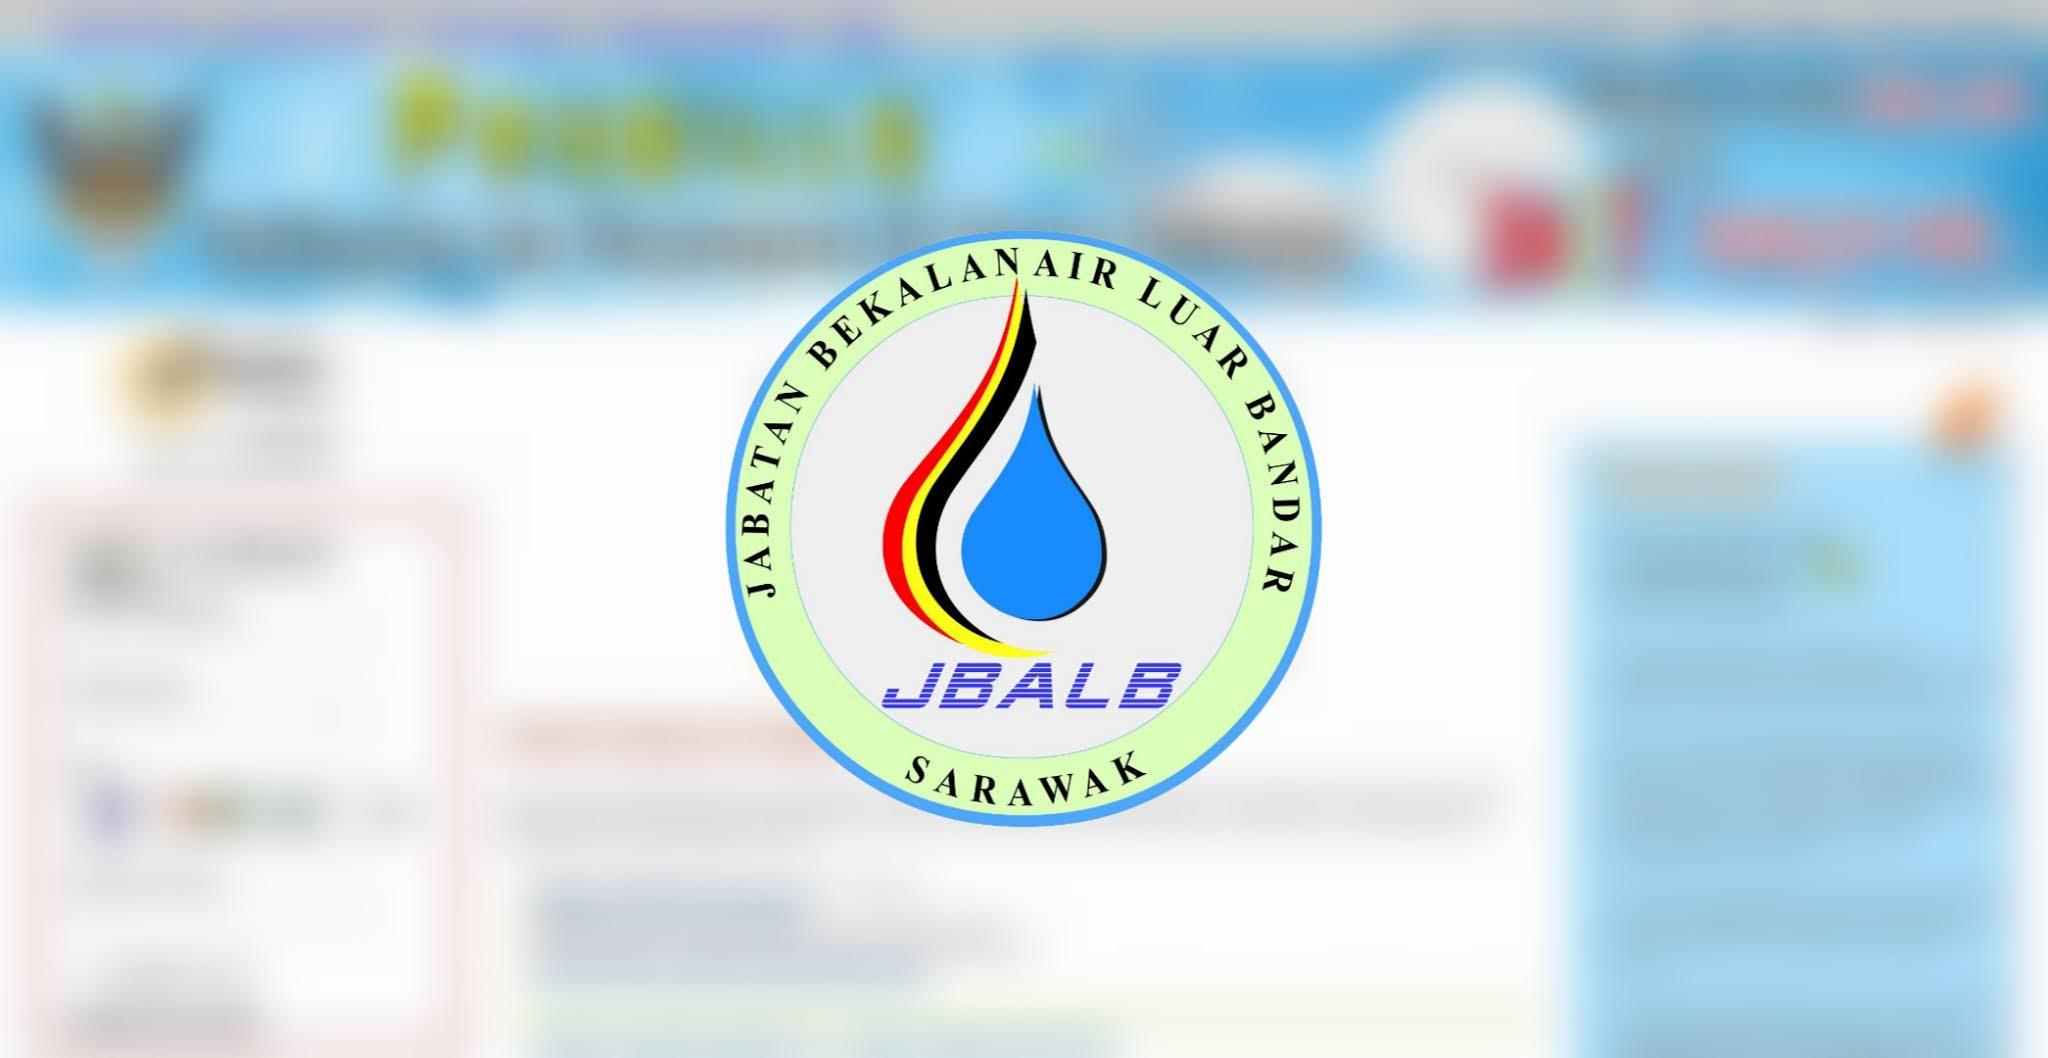 Semakan Bil Air Sarawak 2021 Online (Daftar Sarawak Pay)